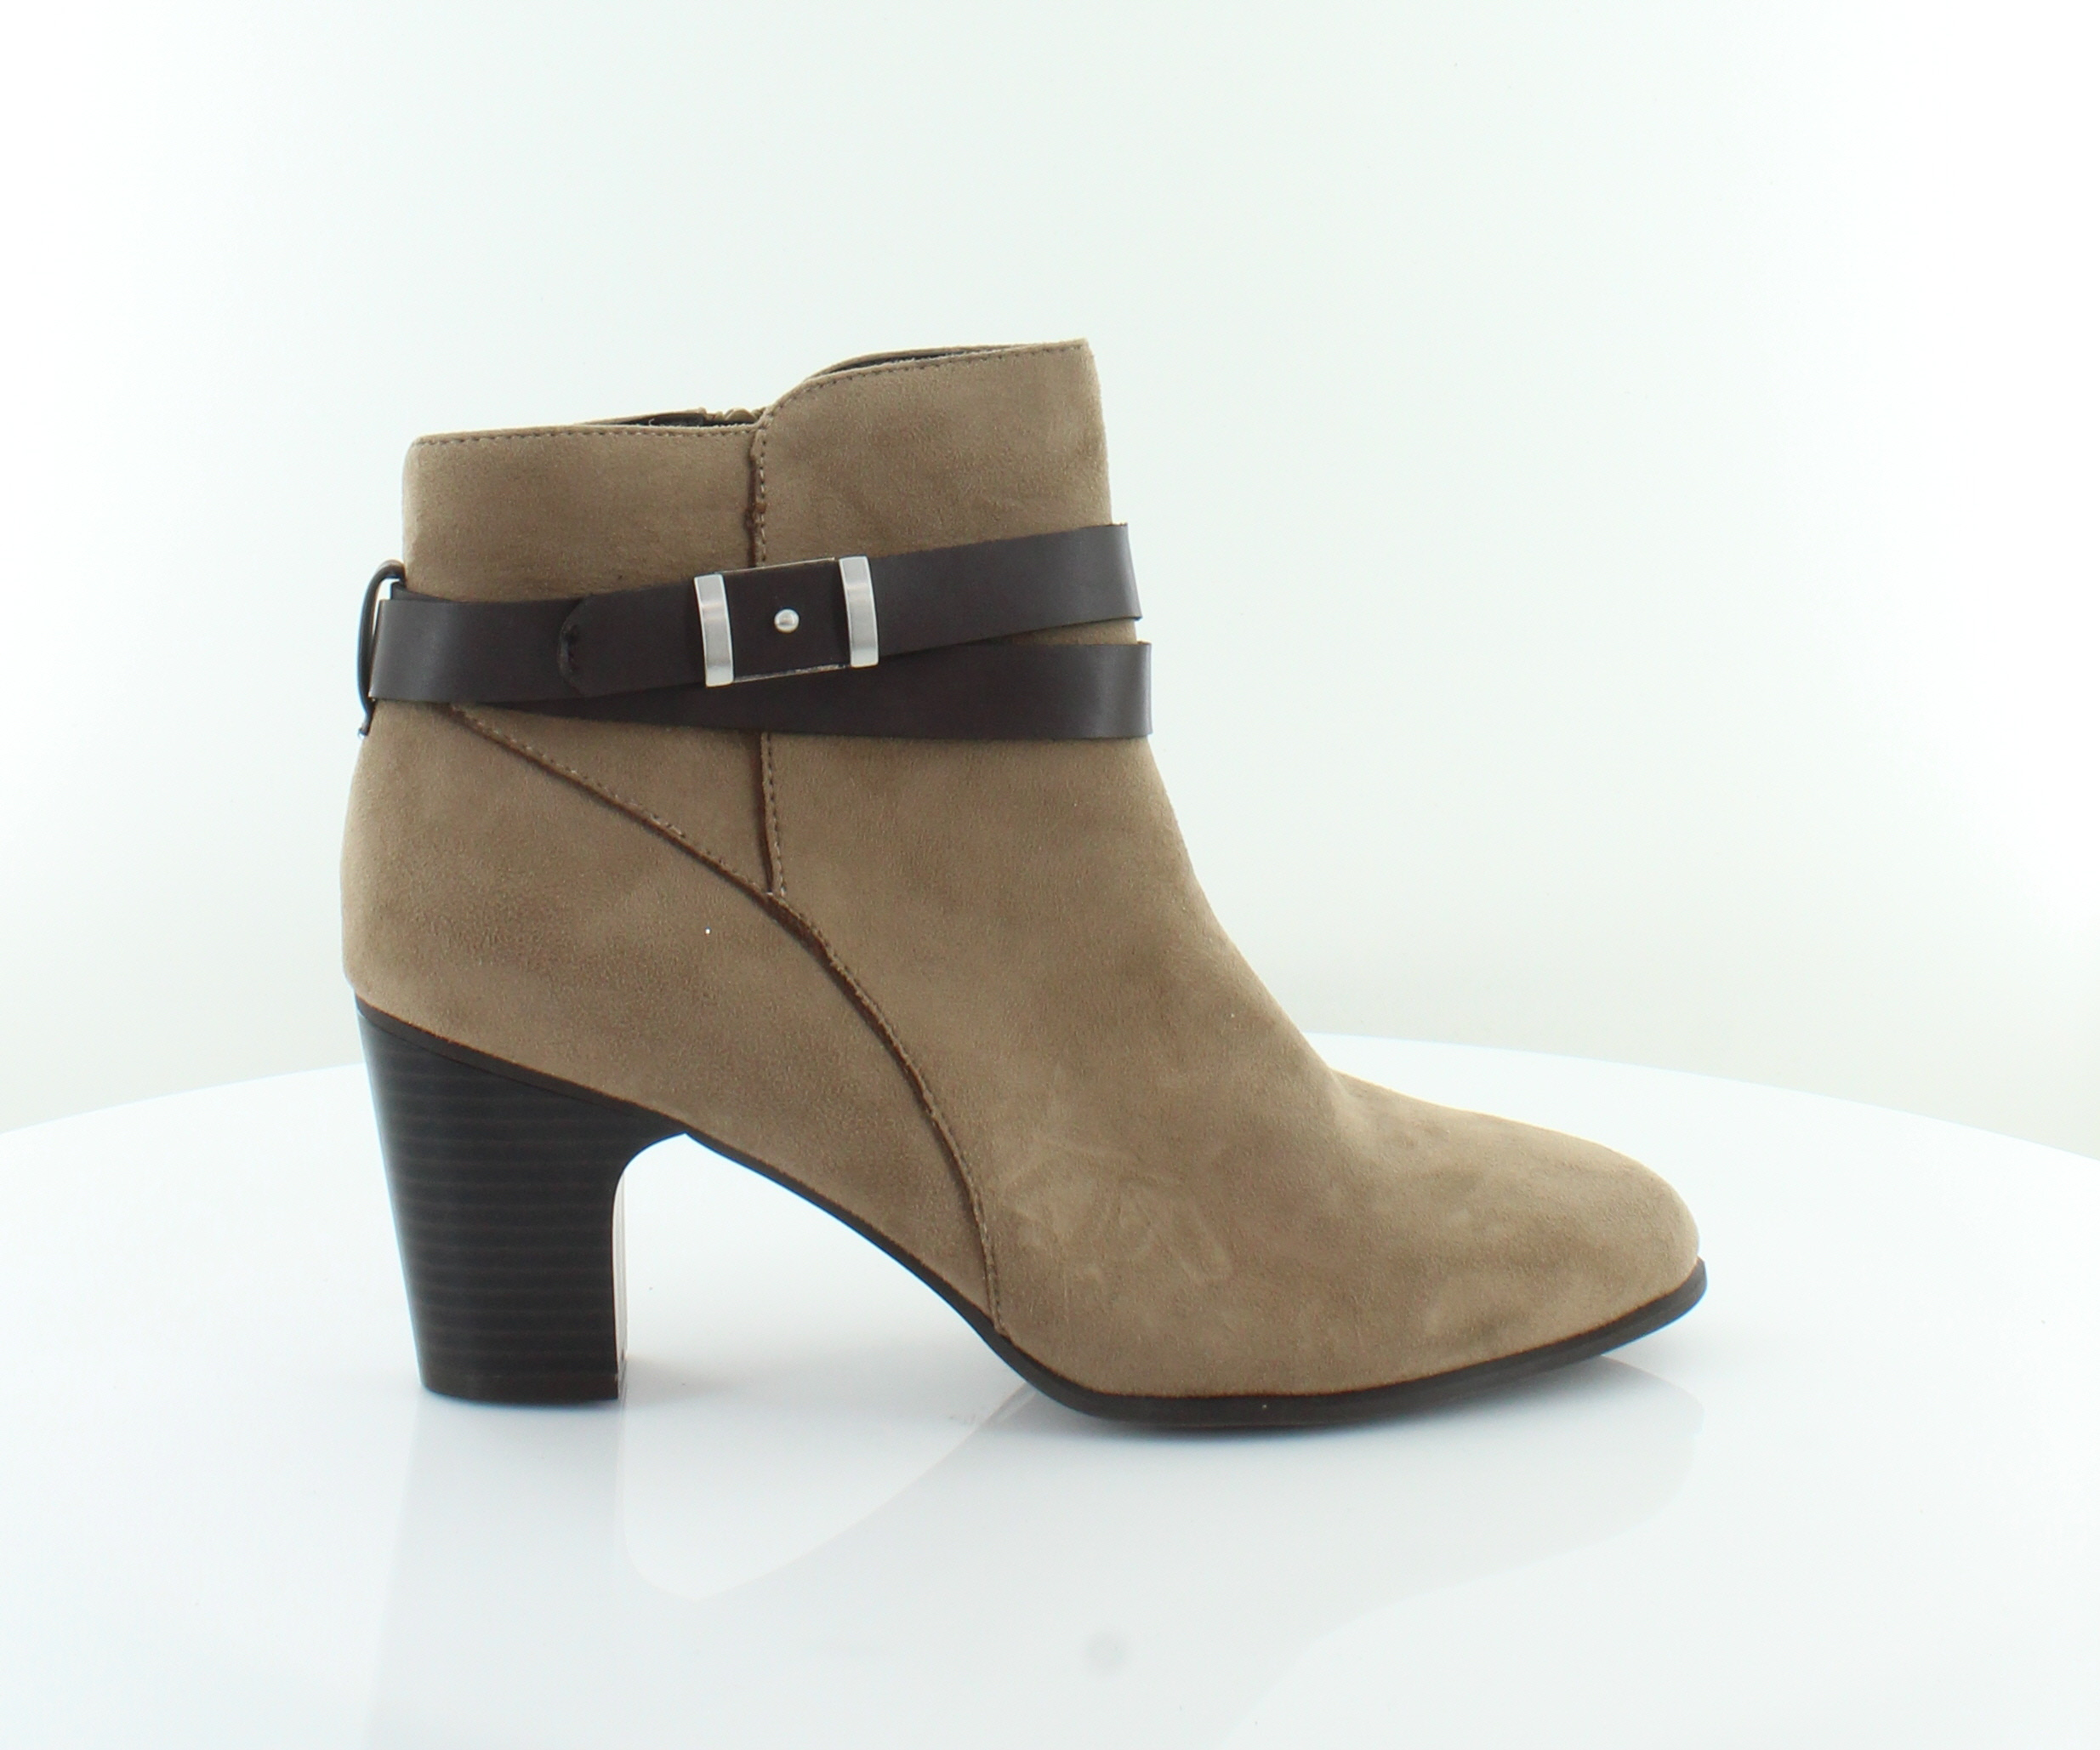 Giani Bernini New Calae Braun Damenschuhe Schuhes Größe 11 Stiefel M Stiefel 11 MSRP 129.99 58b047